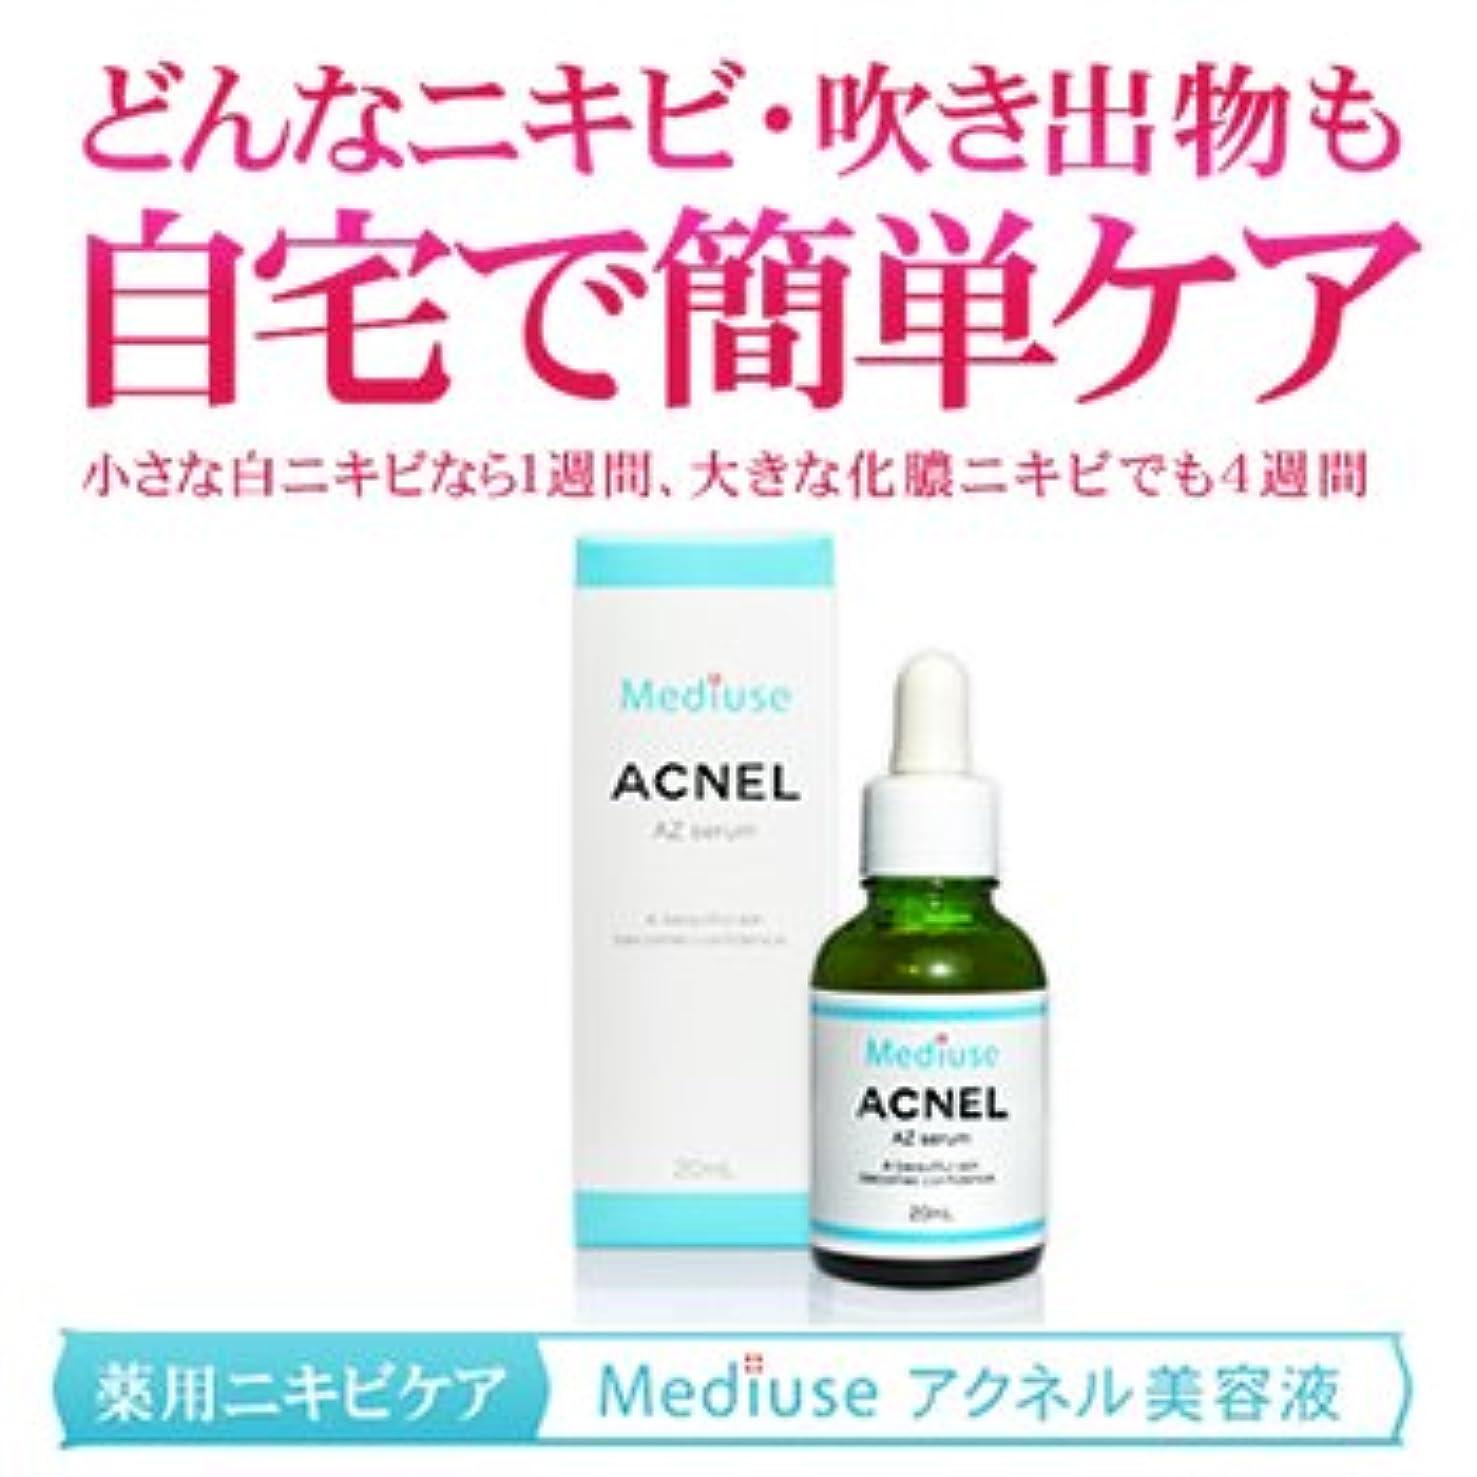 スカウト社交的直感メデュース アクネル AZセラム(薬用ニキビケア美容液)医薬部外品